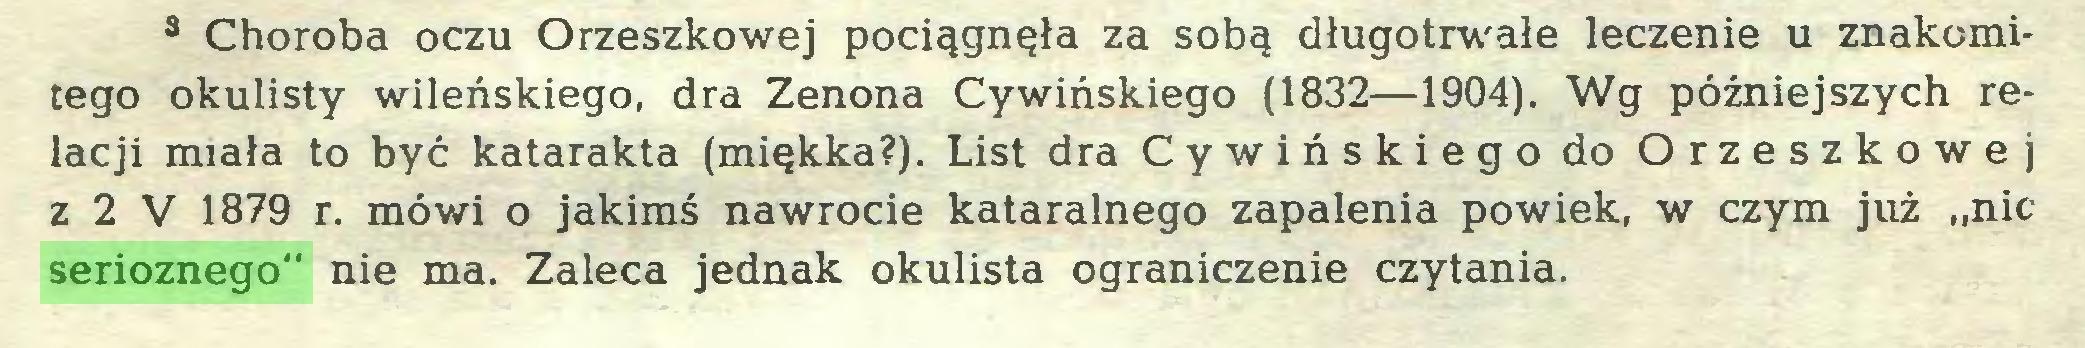 """(...) 3 Choroba oczu Orzeszkowej pociągnęła za sobą długotrwałe leczenie u znakomitego okulisty wileńskiego, dra Zenona Cywińskiego (1832—1904). Wg późniejszych relacji miała to być katarakta (miękka?). List dra Cywińskiego do Orzeszkowej z 2 V 1879 r. mówi o jakimś nawrocie kataralnego zapalenia powiek, w czym już """"nic serioznego"""" nie ma. Zaleca jednak okulista ograniczenie czytania..."""